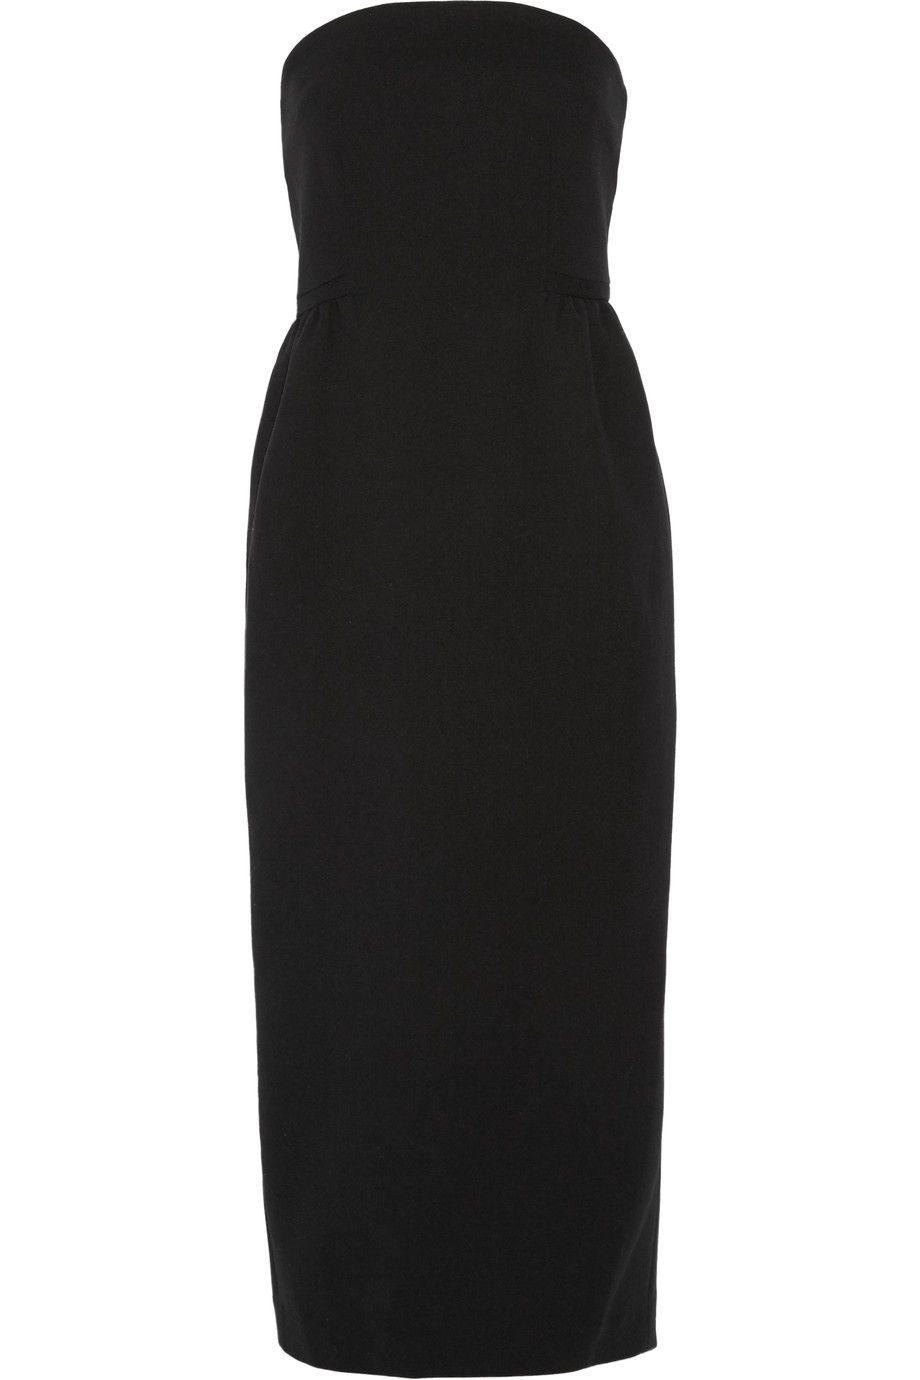 cf6003a5c5454 PROTAGONIST Wool-blend midi dress. #protagonist #cloth #dress ...